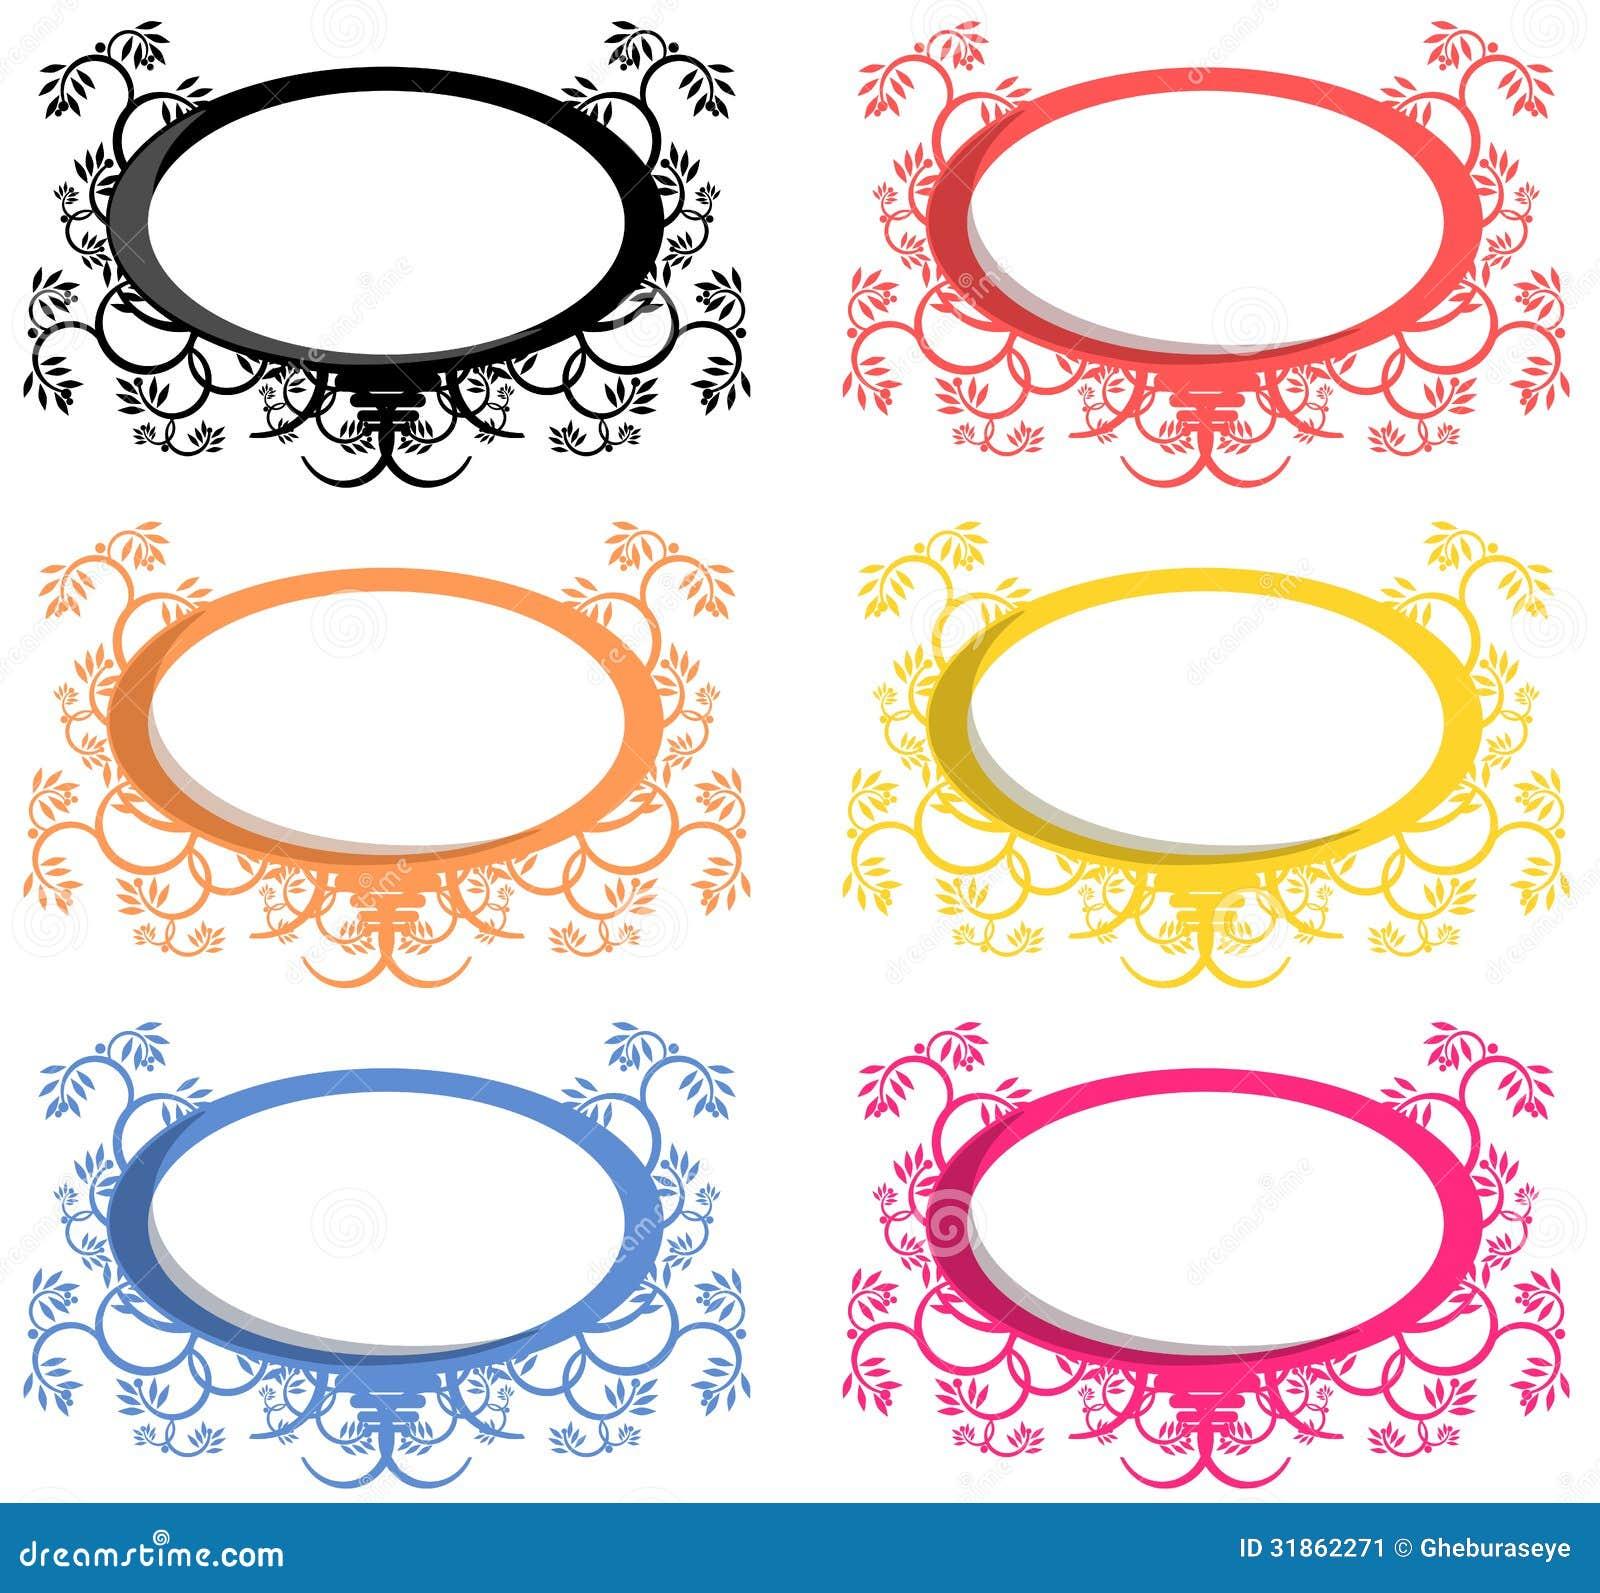 oval logo stock image image 31862271